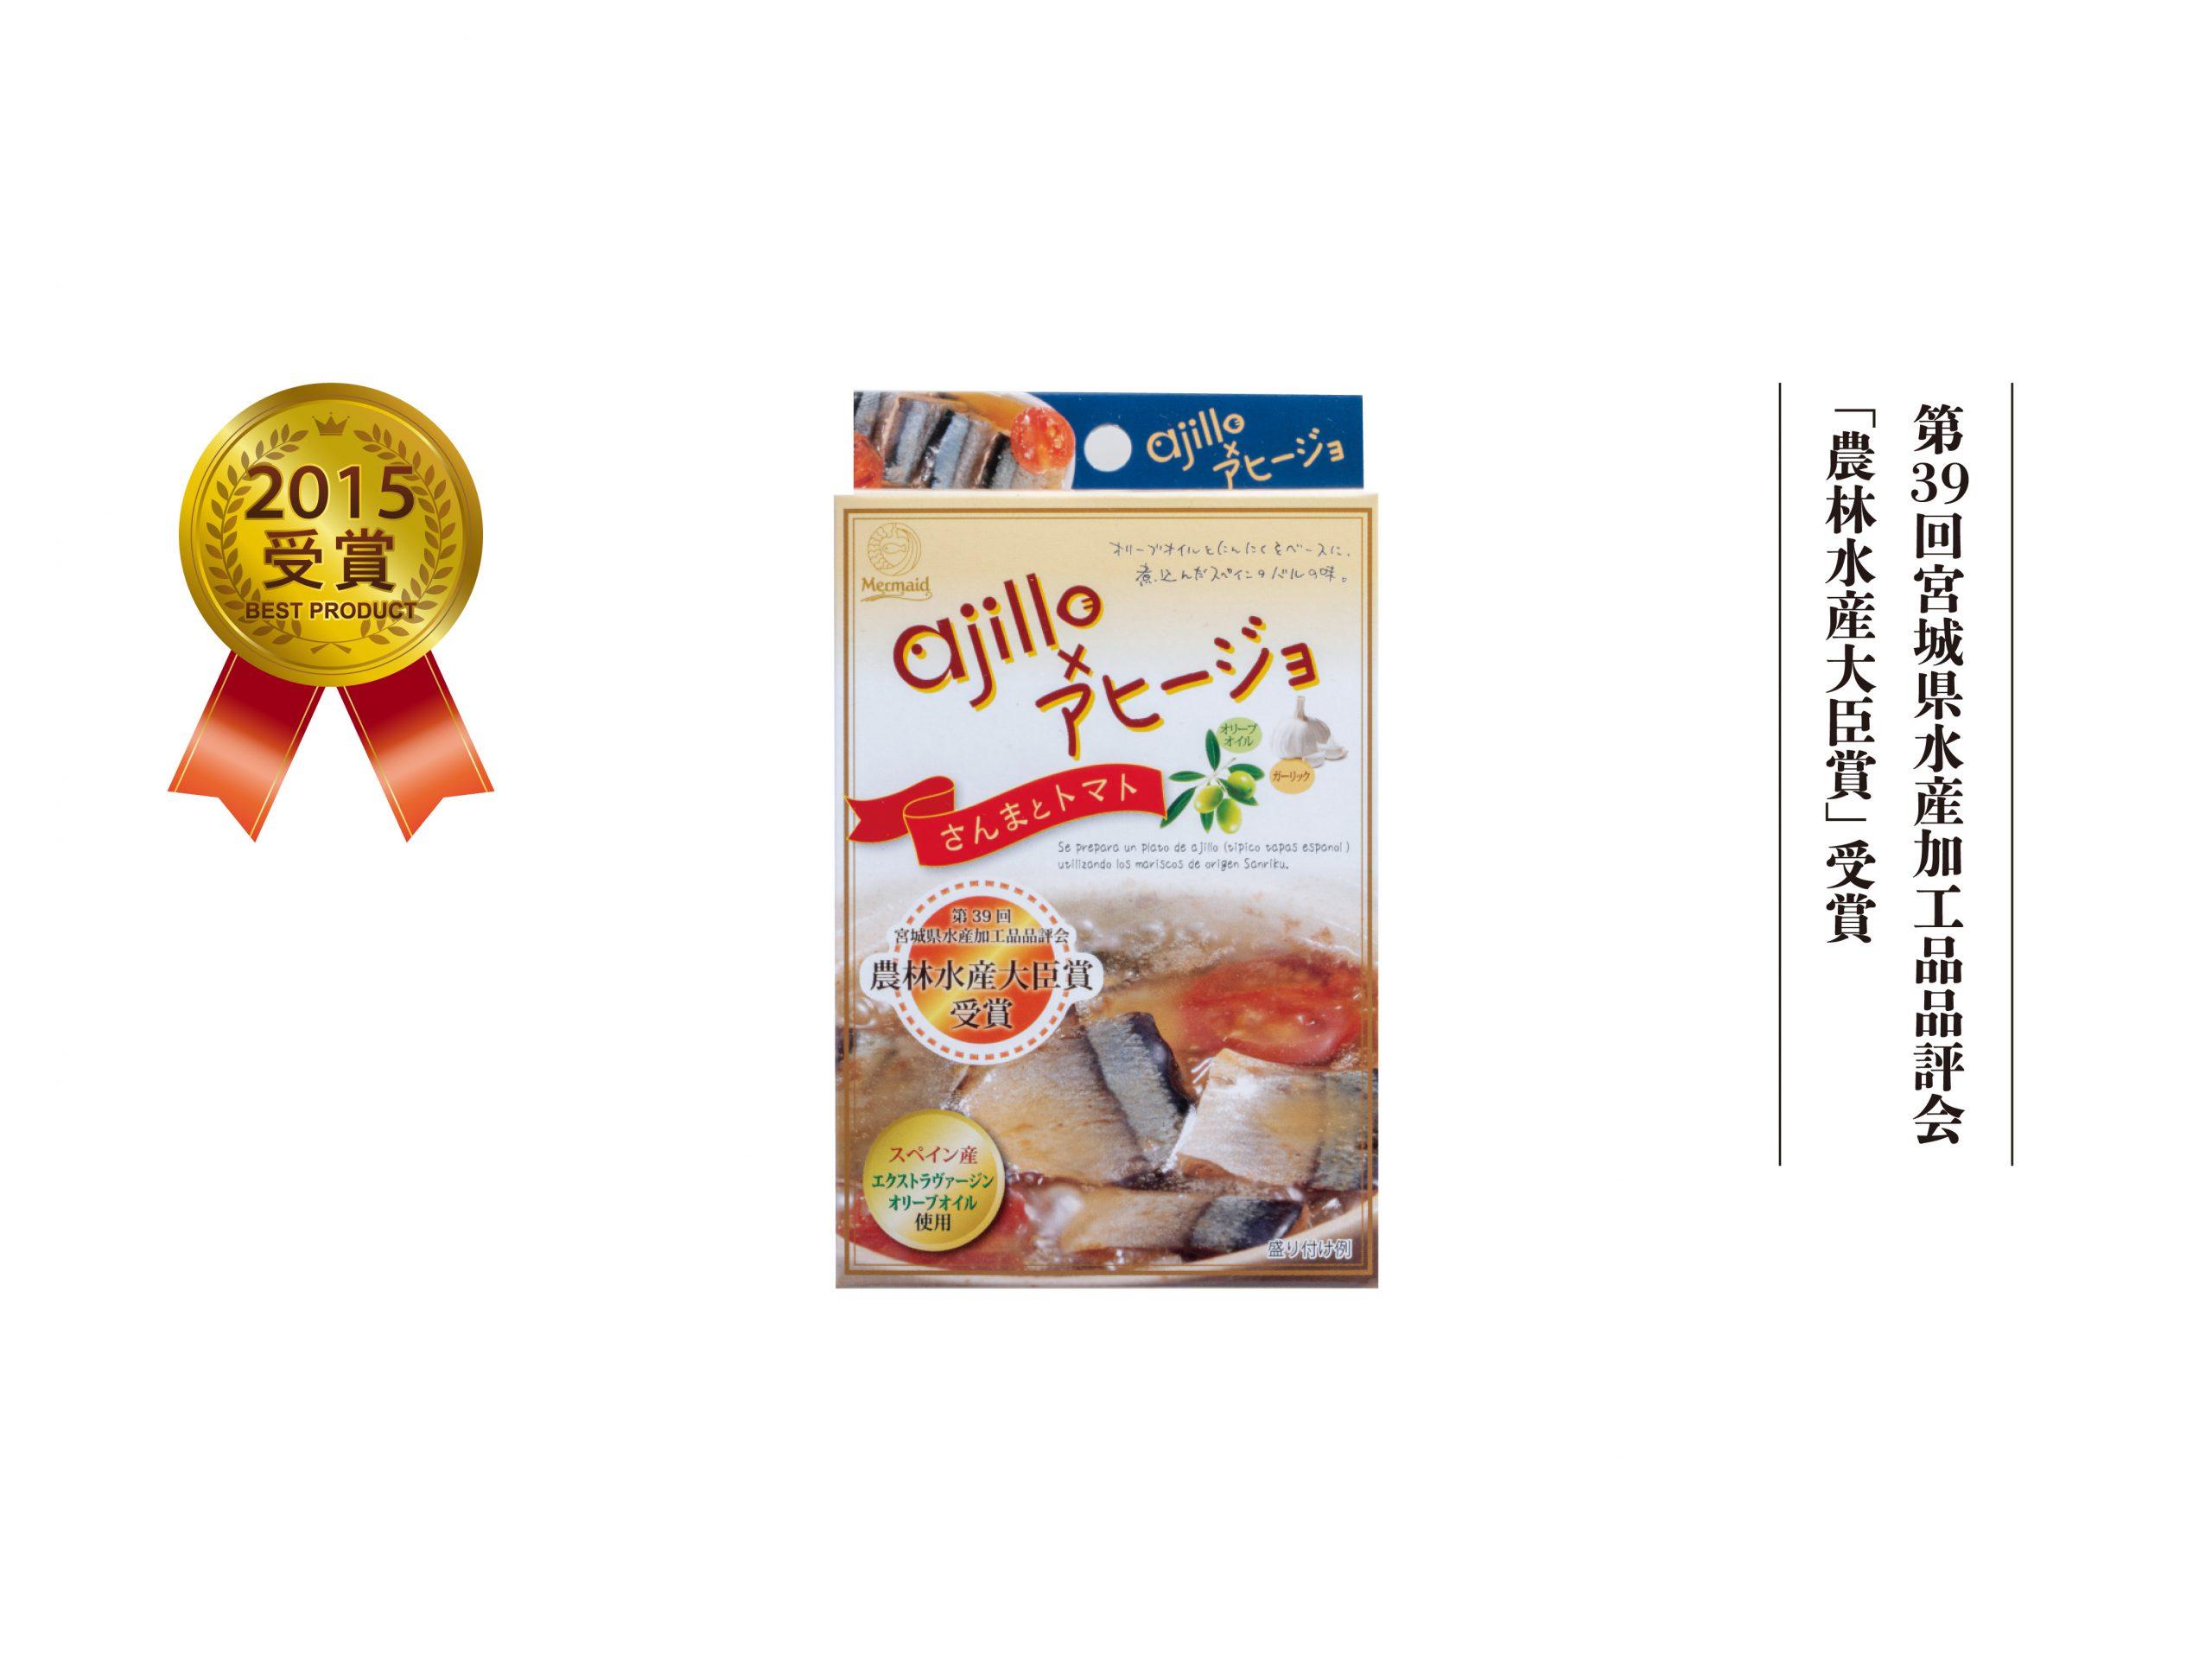 CP受賞商品レイアウト(さんまとトマトのアヒージョ)